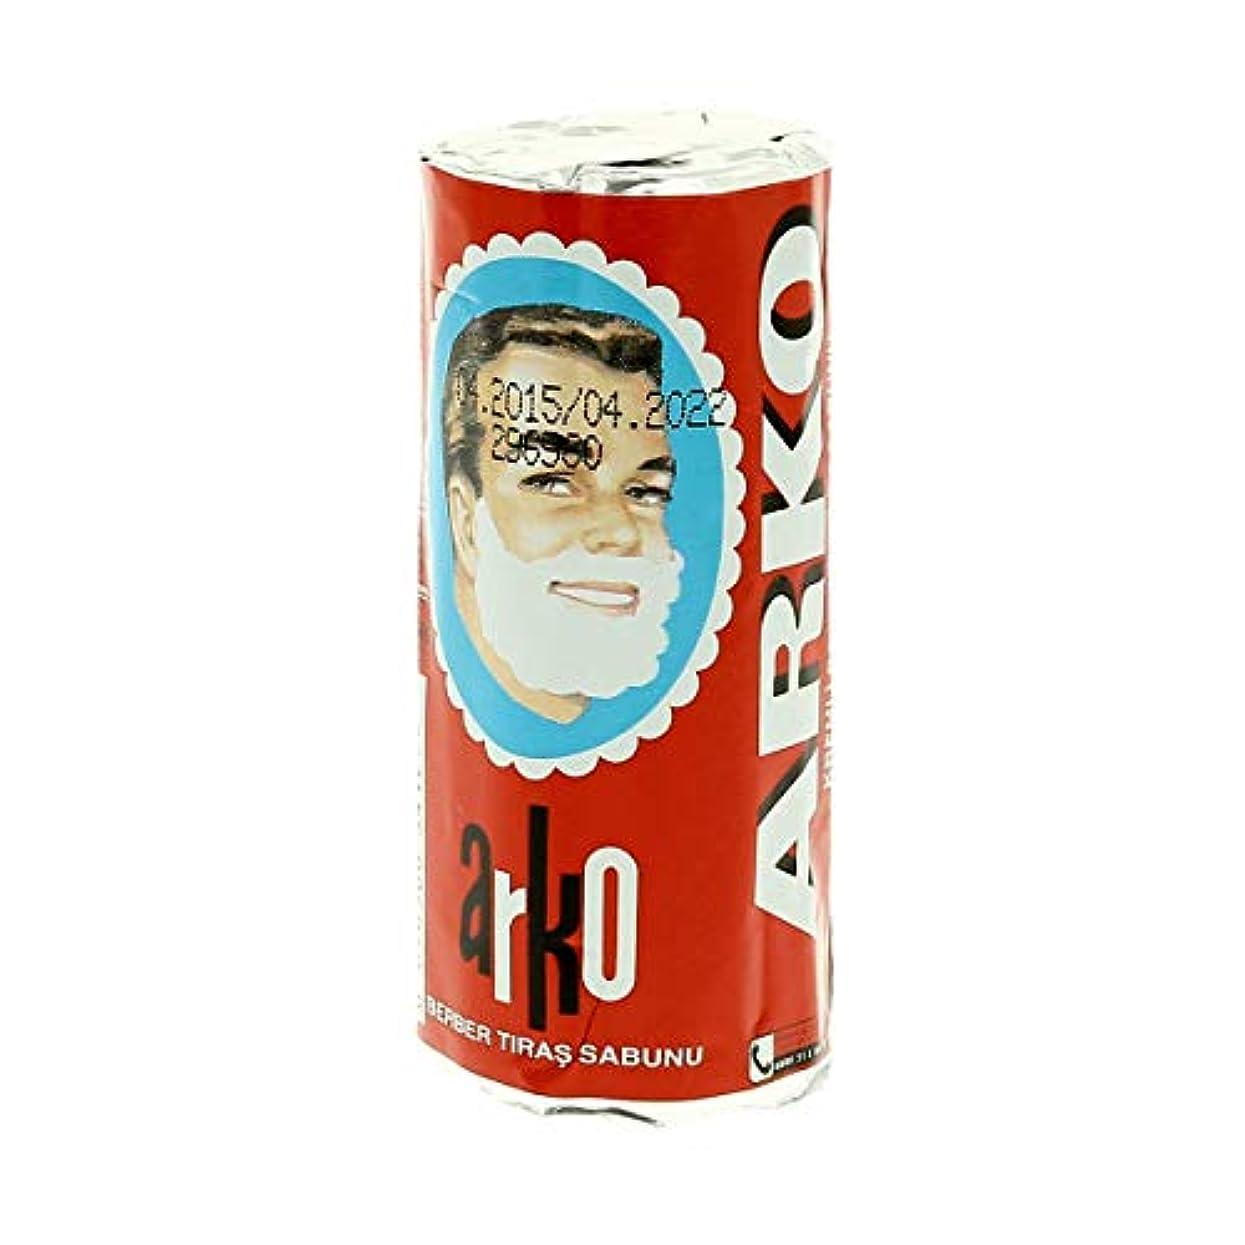 いじめっ子動力学クラッチArko アルコ シェービングクリームソープスティック75g[海外直送品]Arko Shaving Cream Soap Stick 75g [並行輸入品]